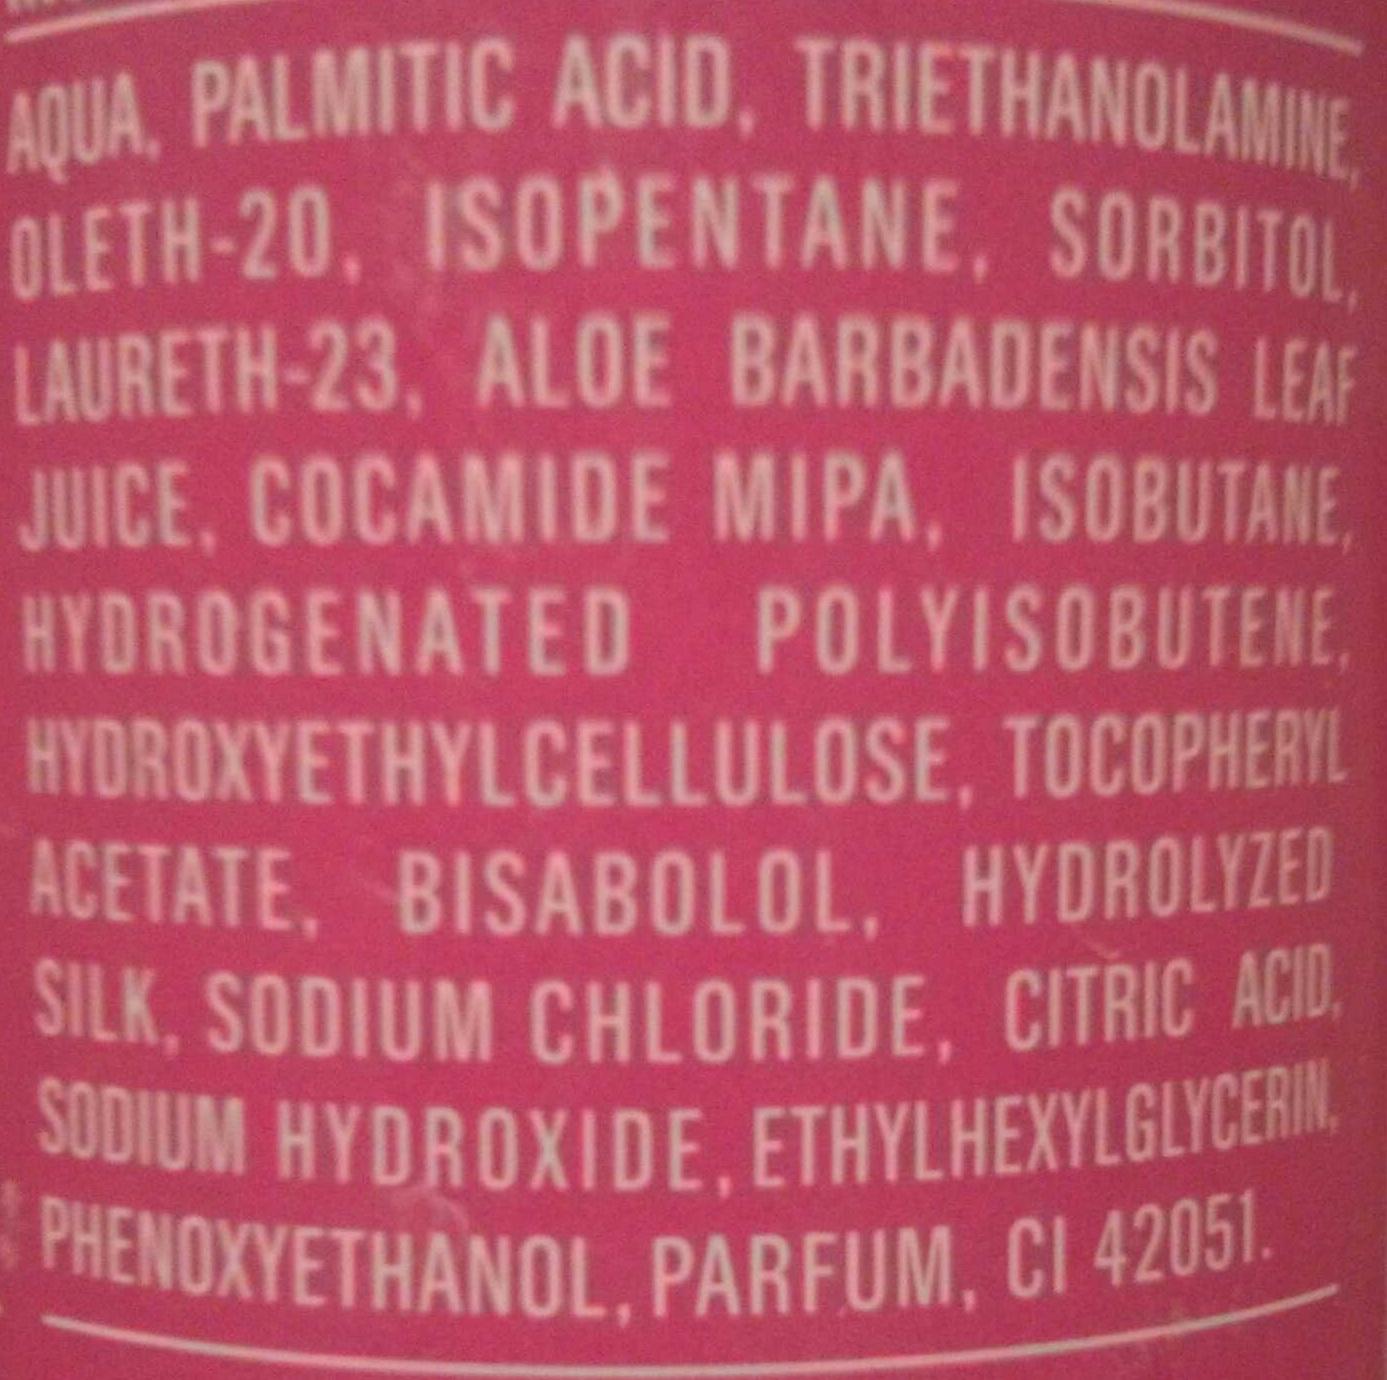 Gel à raser à l'extrait d'aloe vera - Ingredients - fr